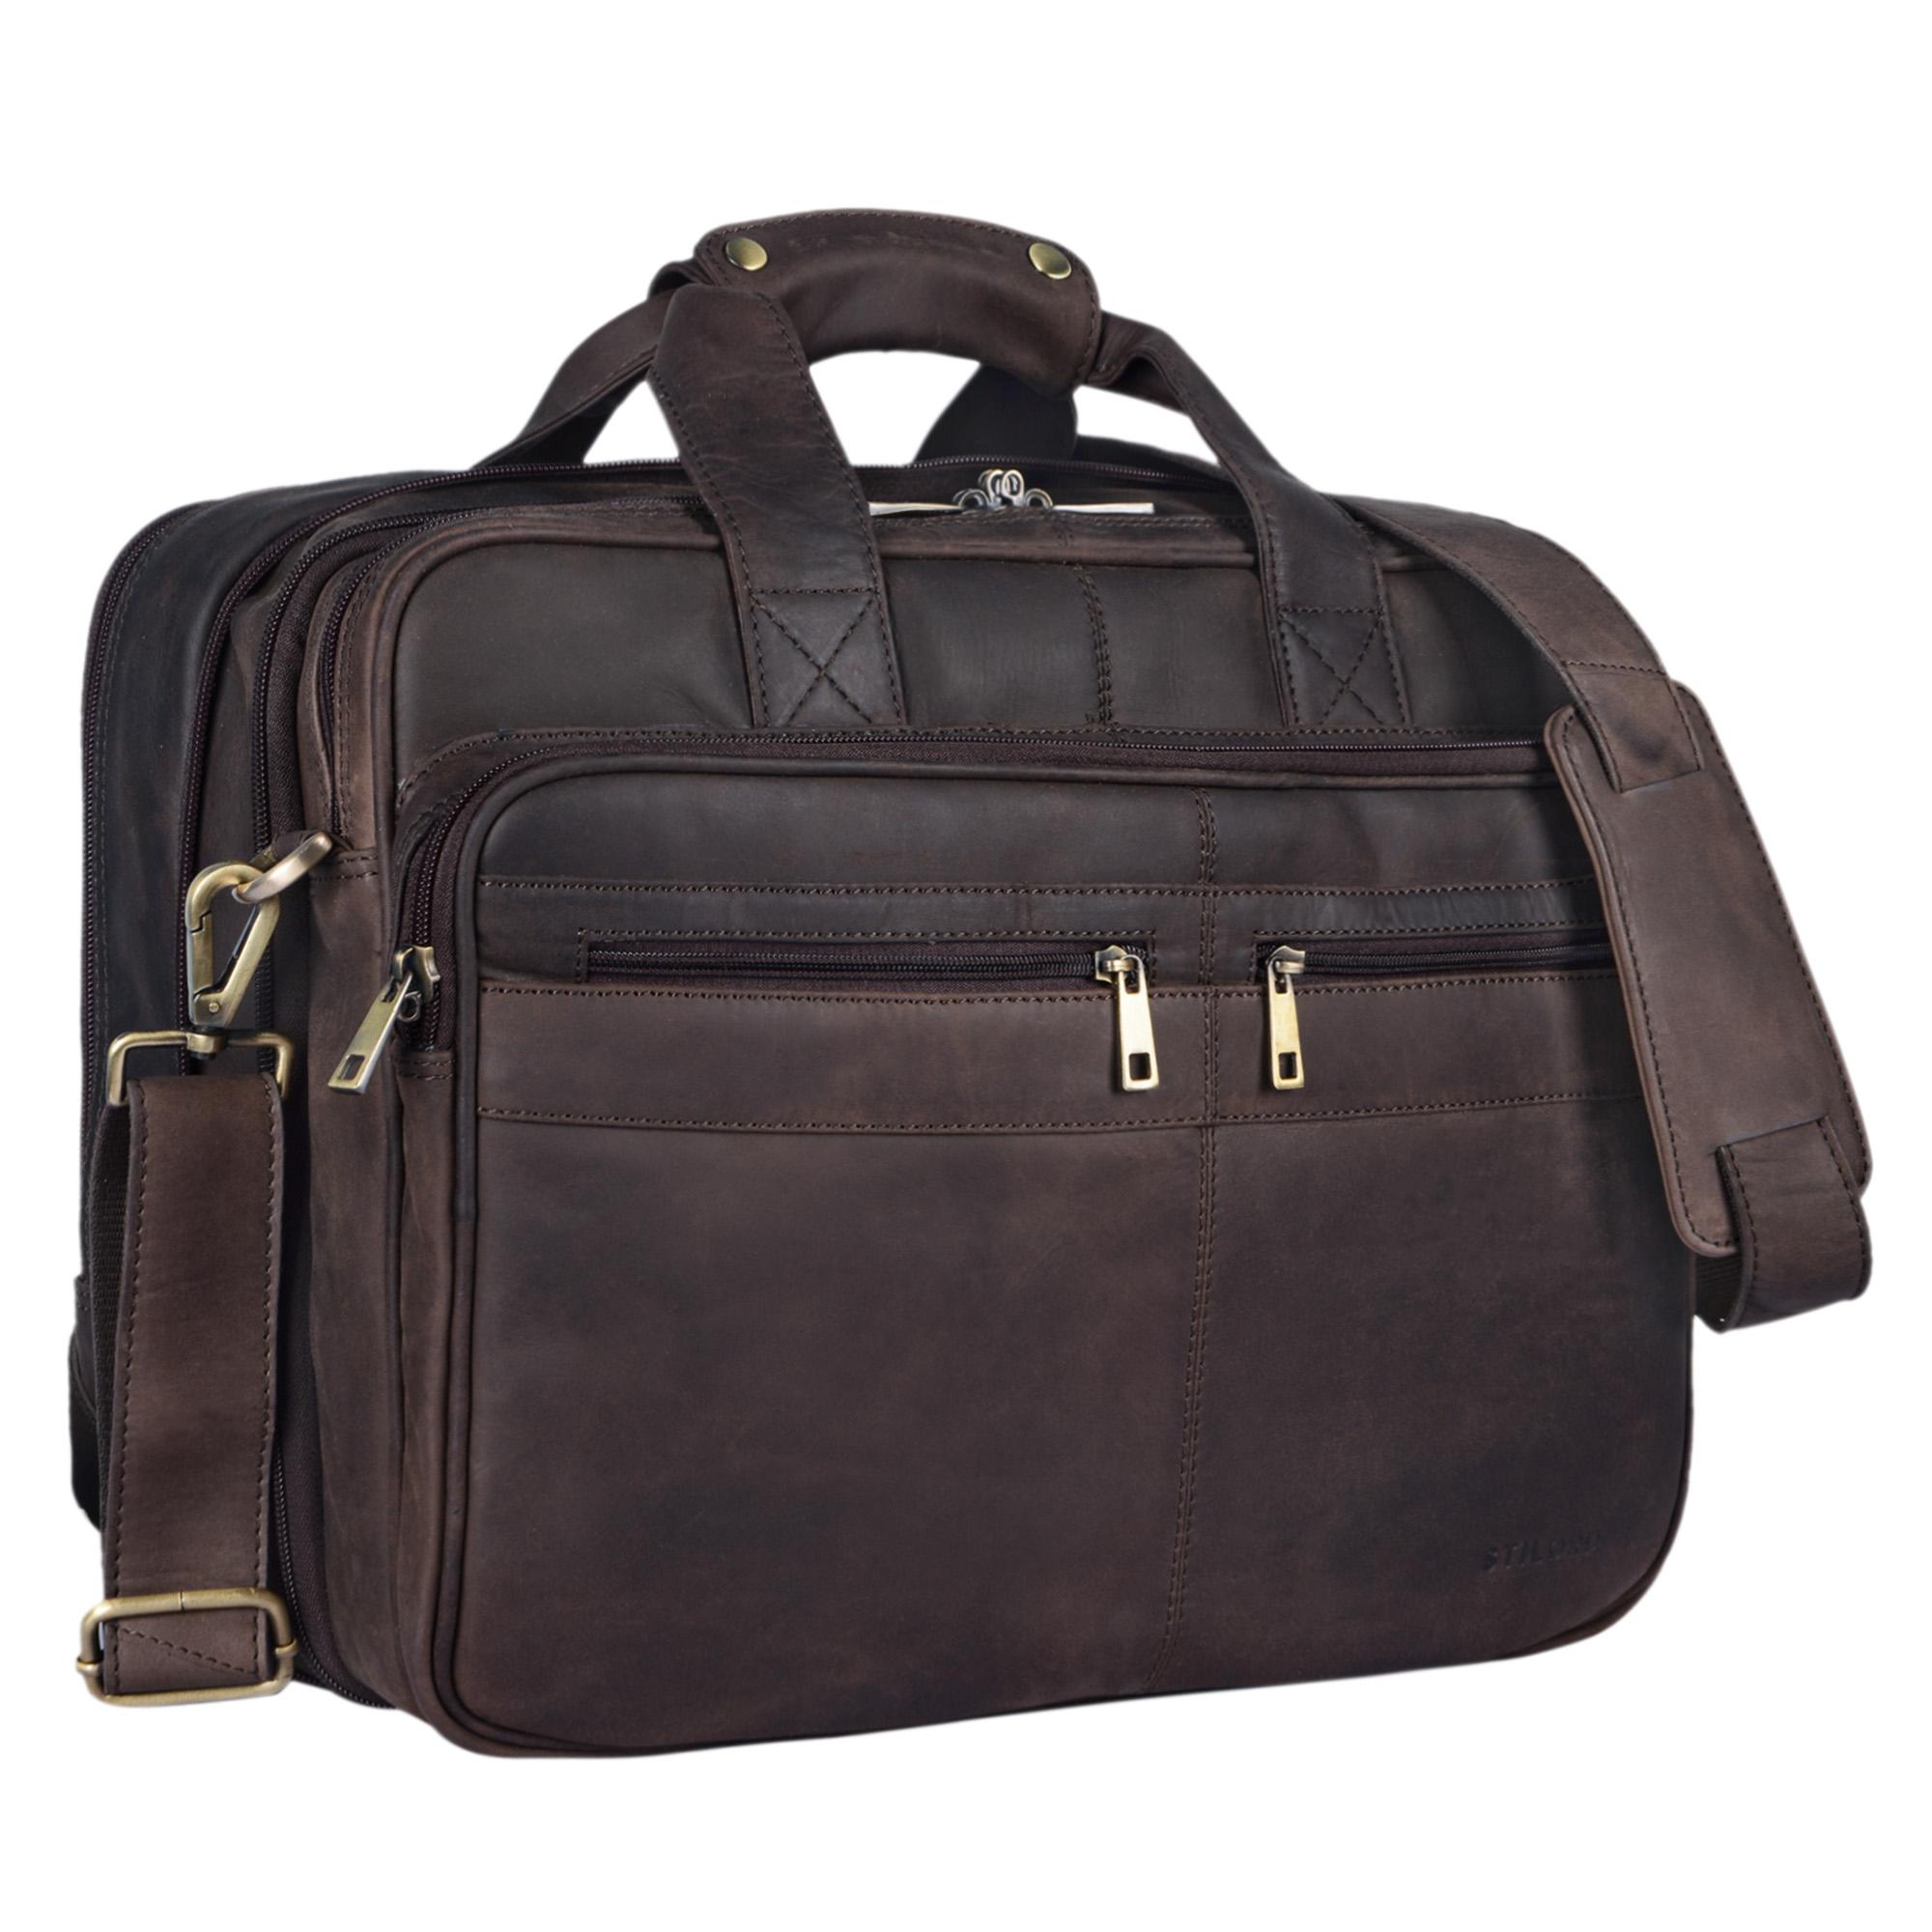 """STILORD """"Alexander"""" Lehrertasche Herren Leder braun Aktentasche Laptoptasche Bürotasche Businesstasche Vintage groß XXL Umhängetasche mit Dreifachtrenner - Bild 11"""